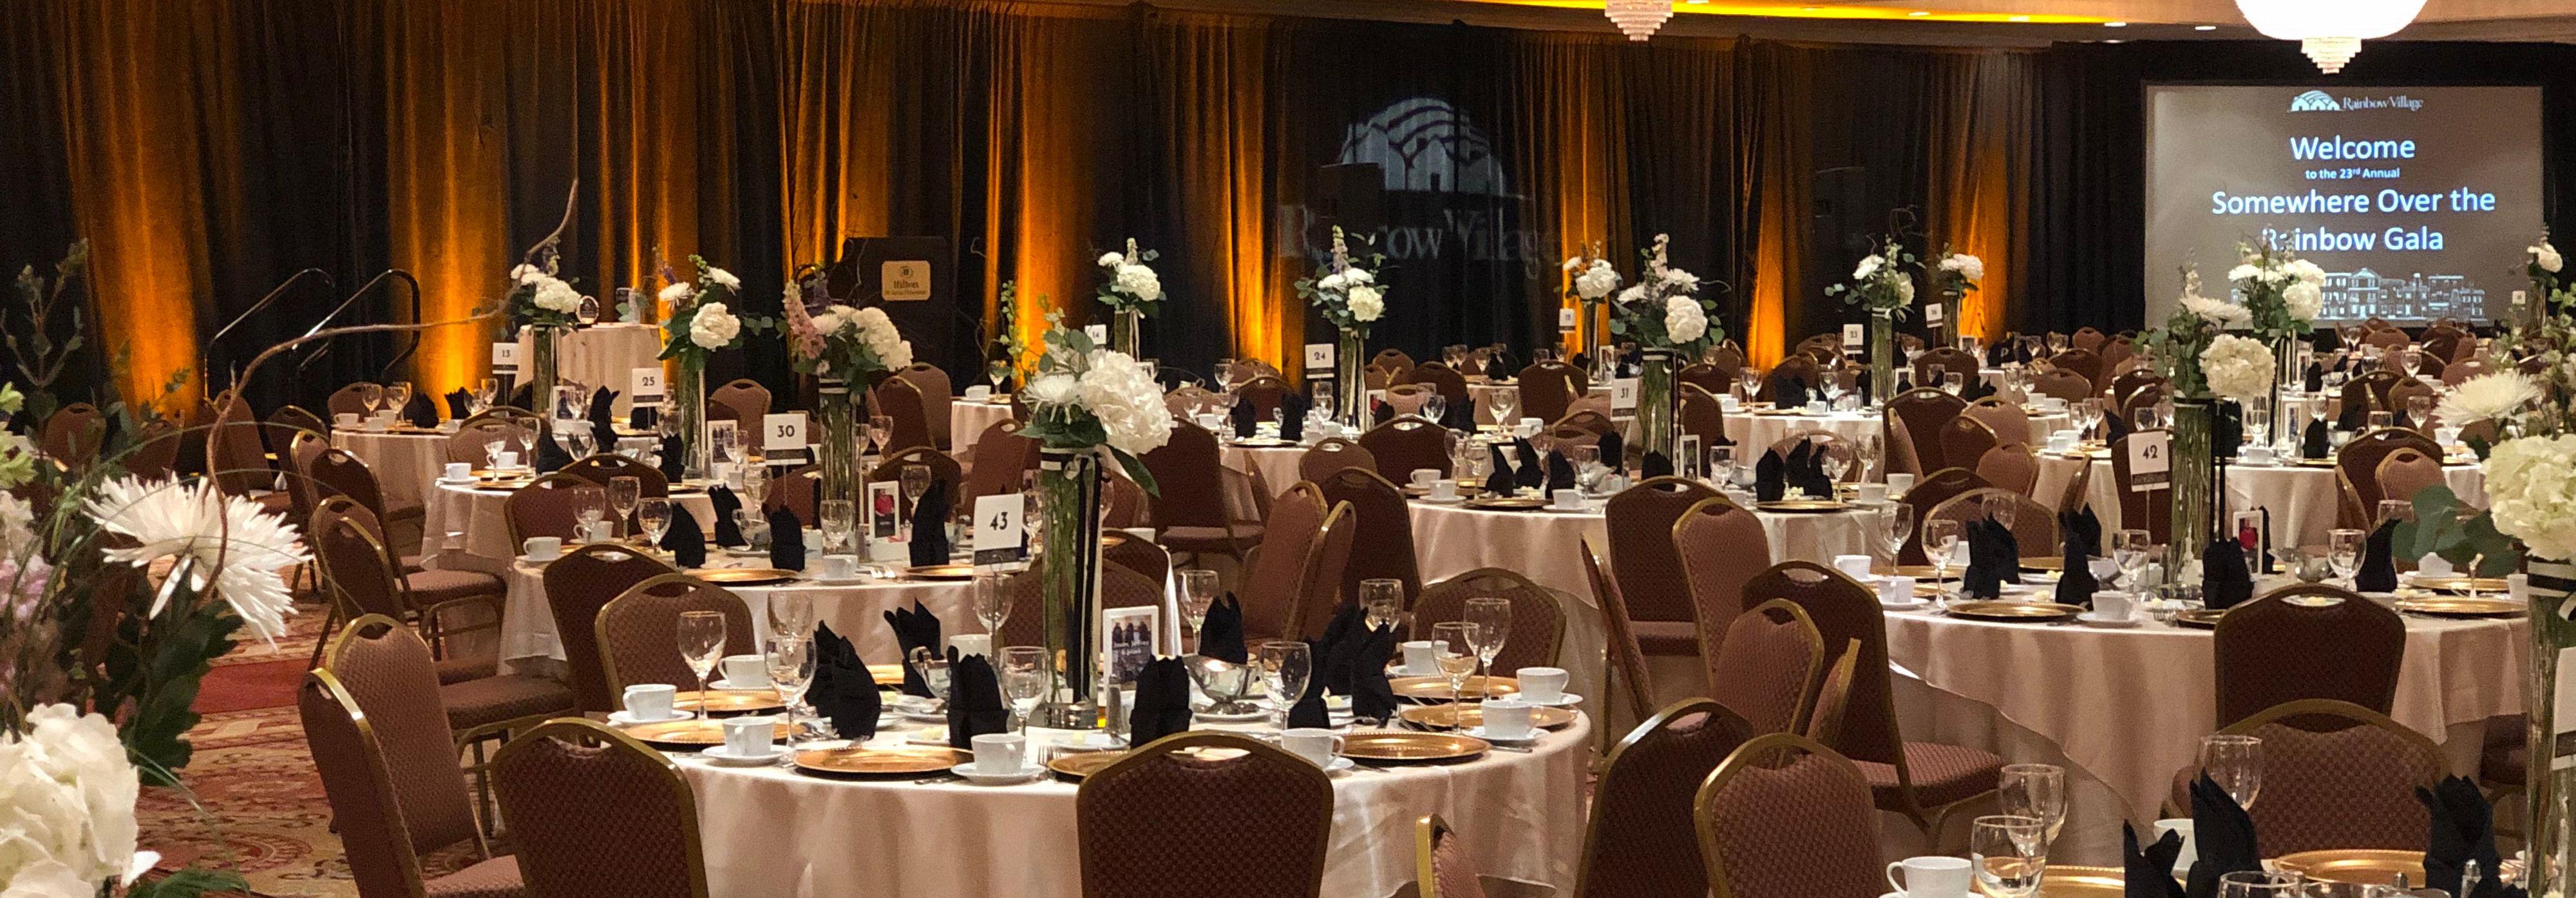 Gala with yellow lighting